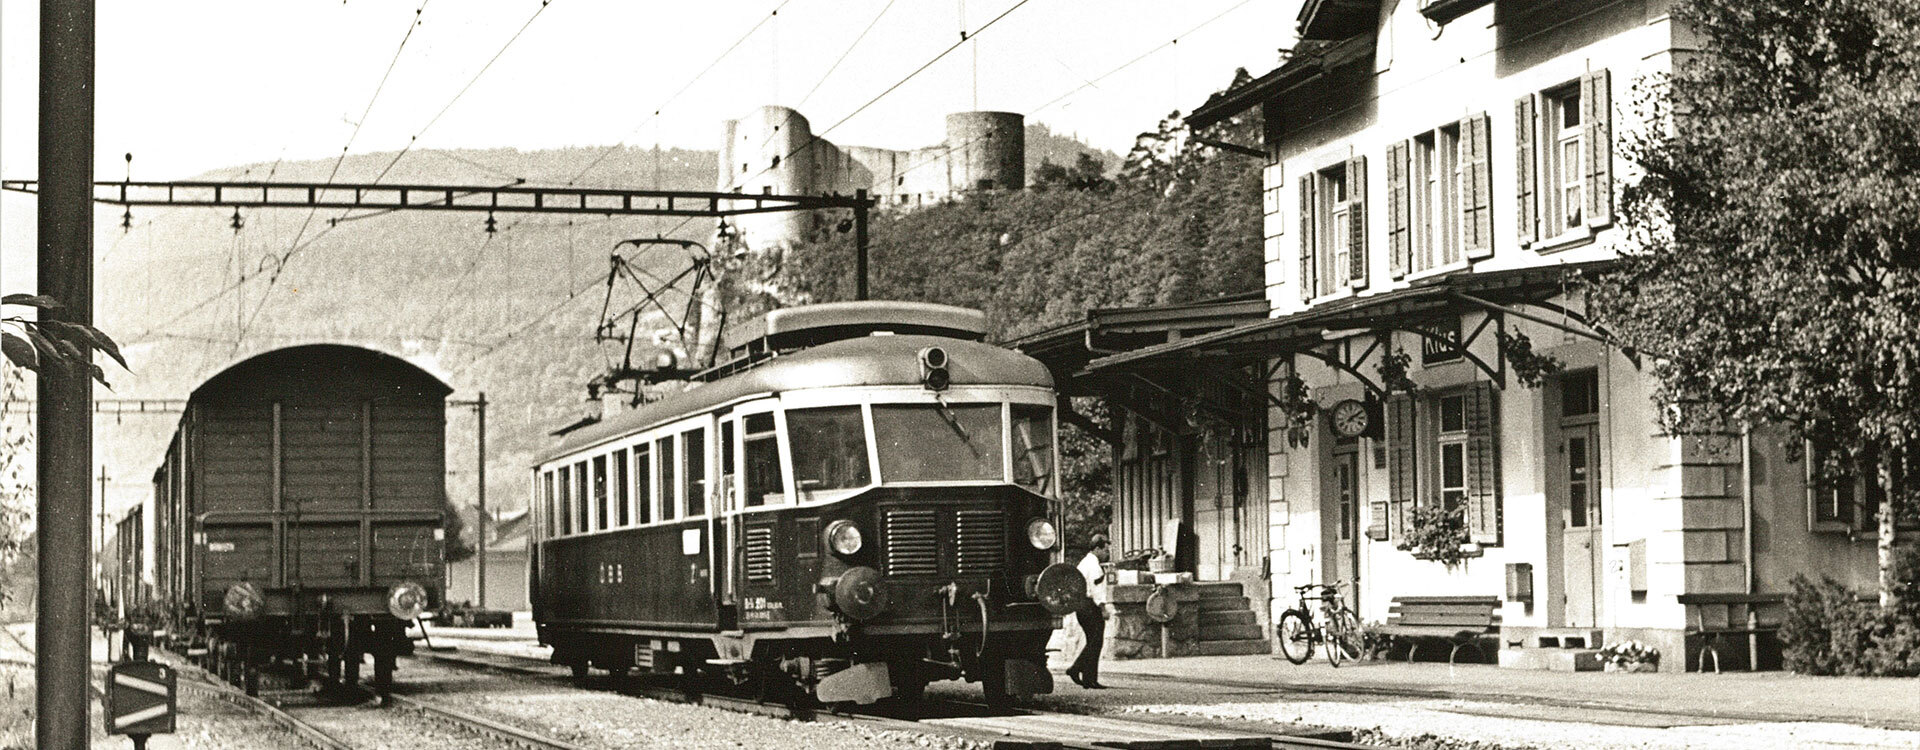 Geschichte - Oensingen-Balsthal-Bahn AG